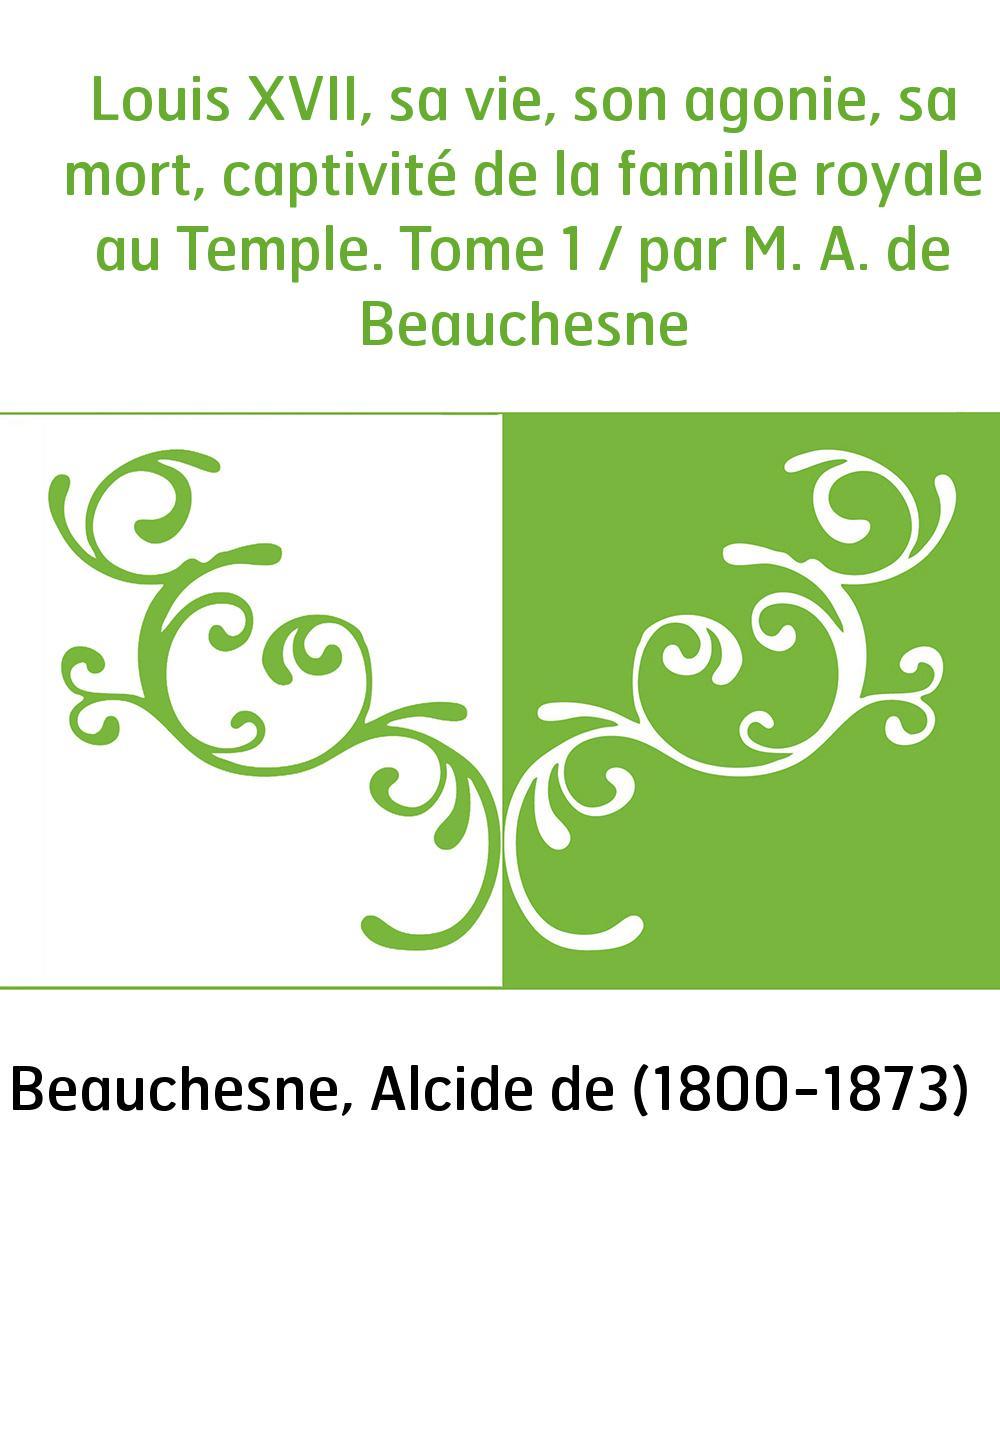 Louis XVII, sa vie, son agonie, sa mort, captivité de la famille royale au Temple. Tome 1 / par M. A. de Beauchesne